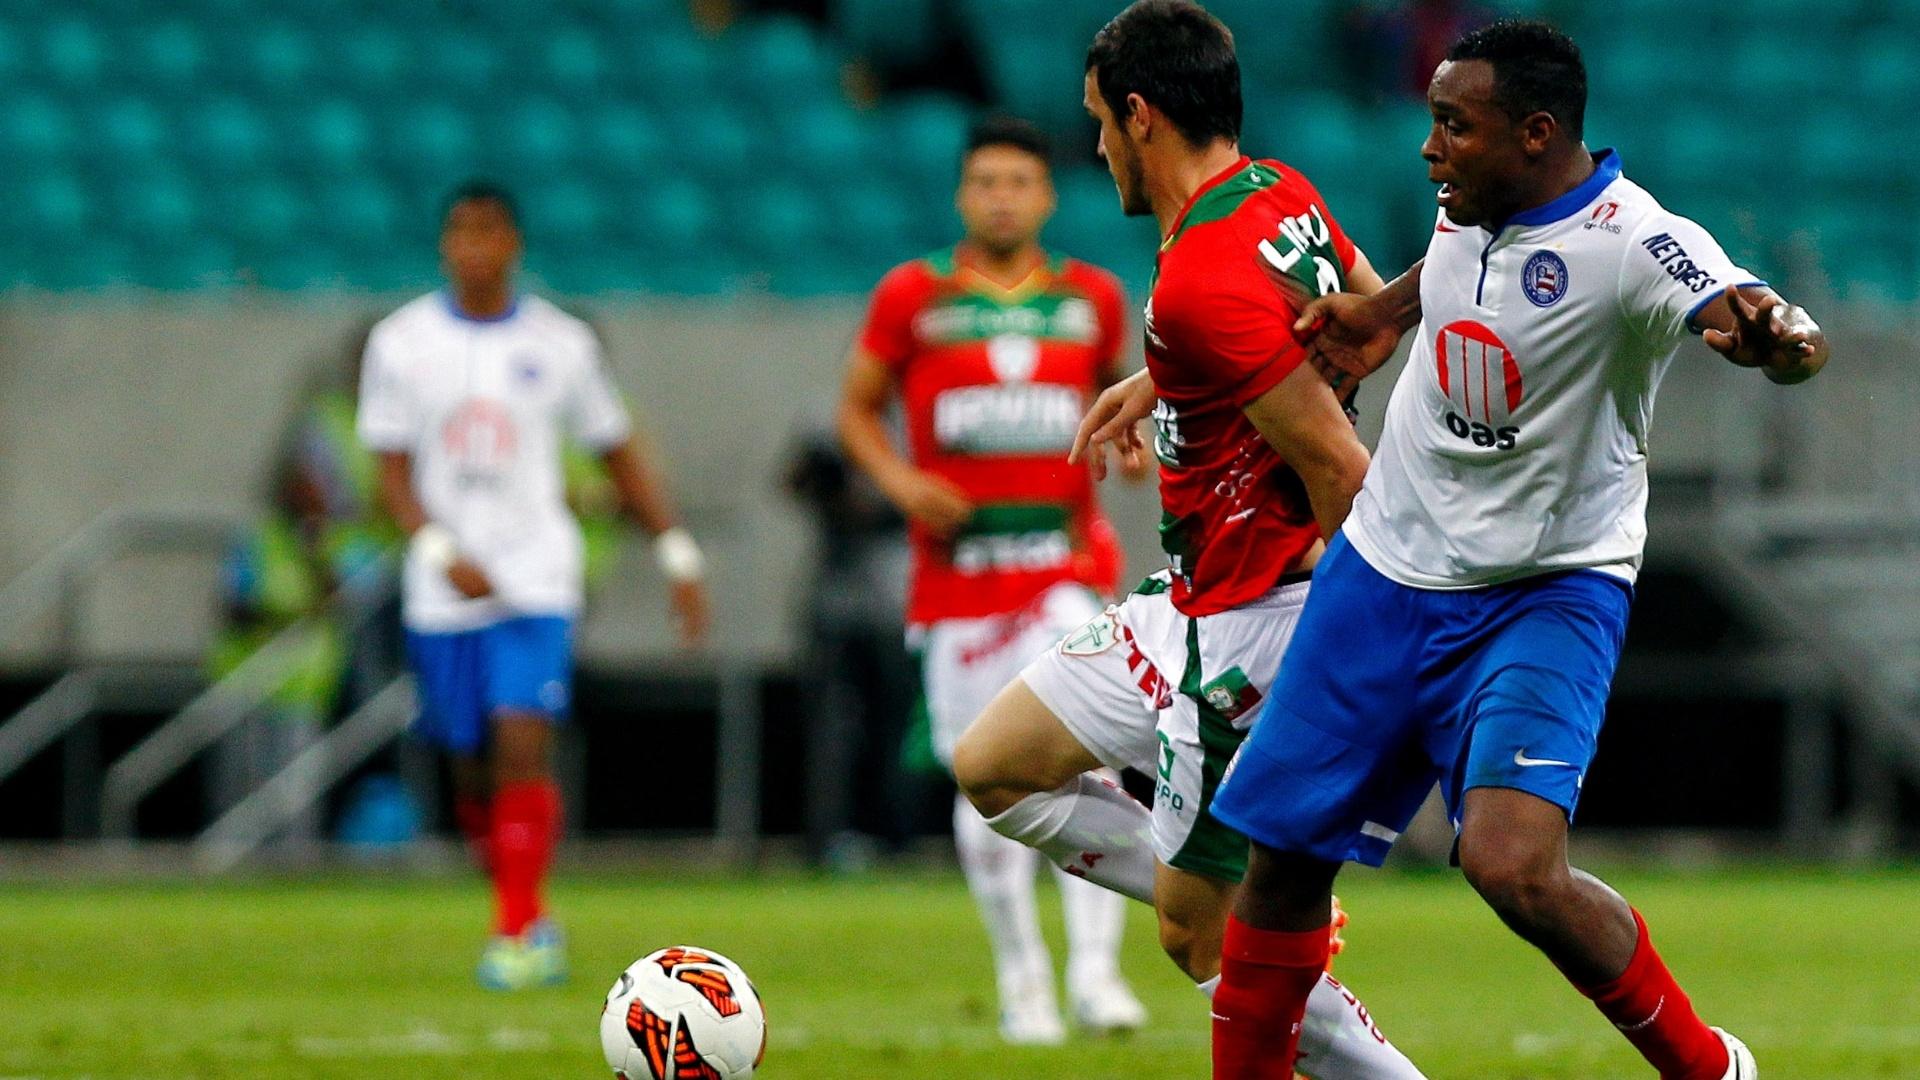 28.ago.2013 - Jogadores de Bahia e Portuguesa disputam a bola no jogo de volta da Sul-Americana na Fonte Nova